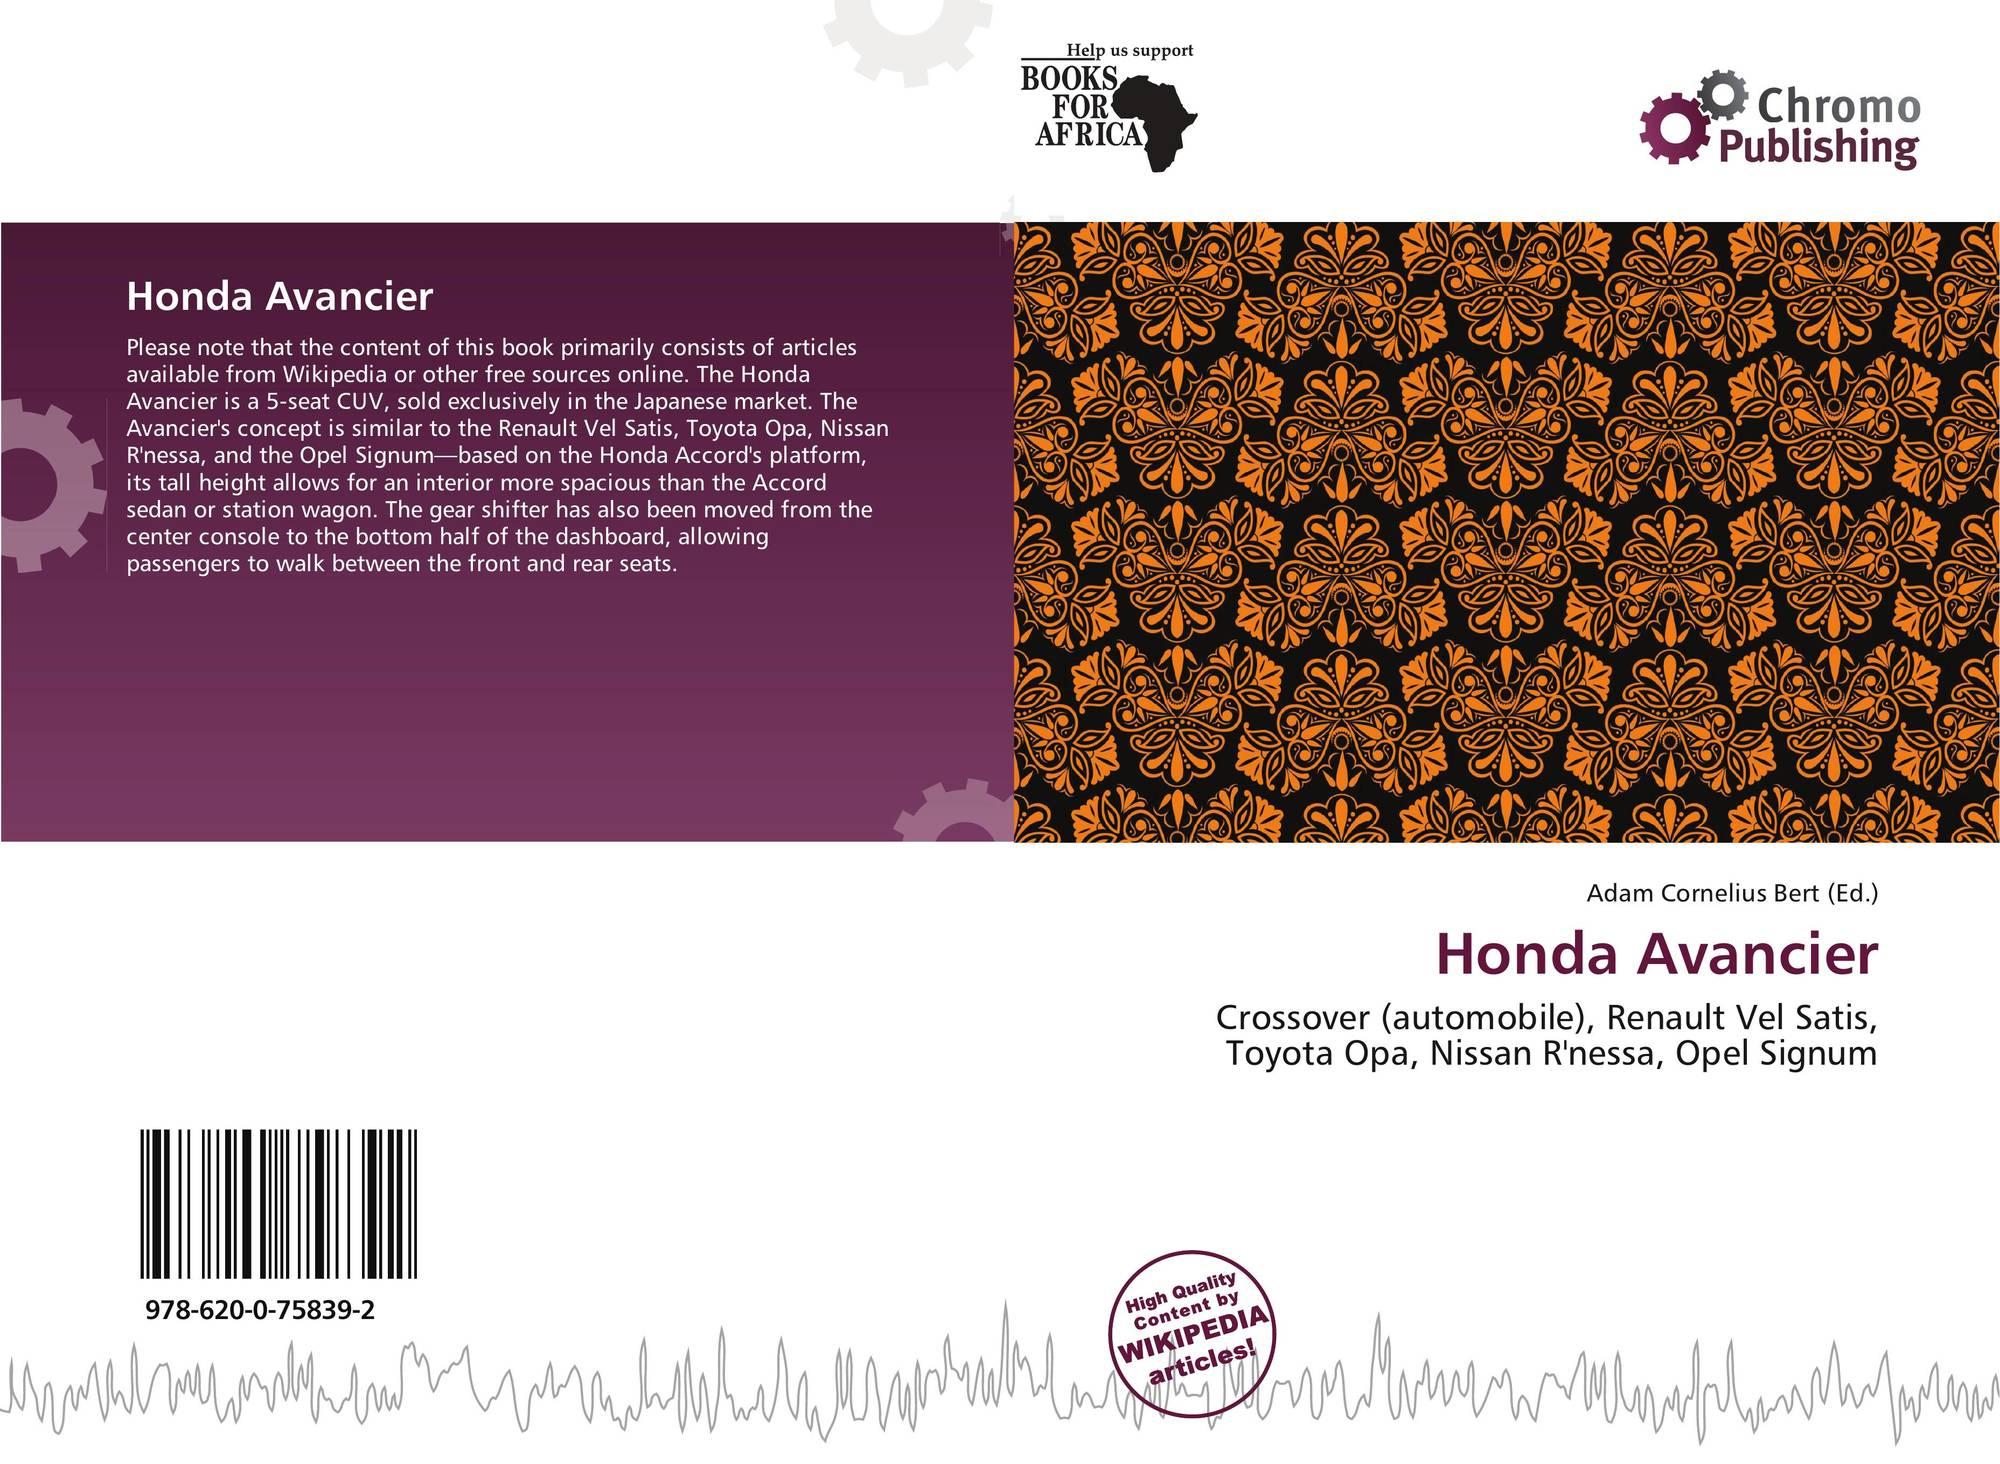 hight resolution of bookcover of honda avancier